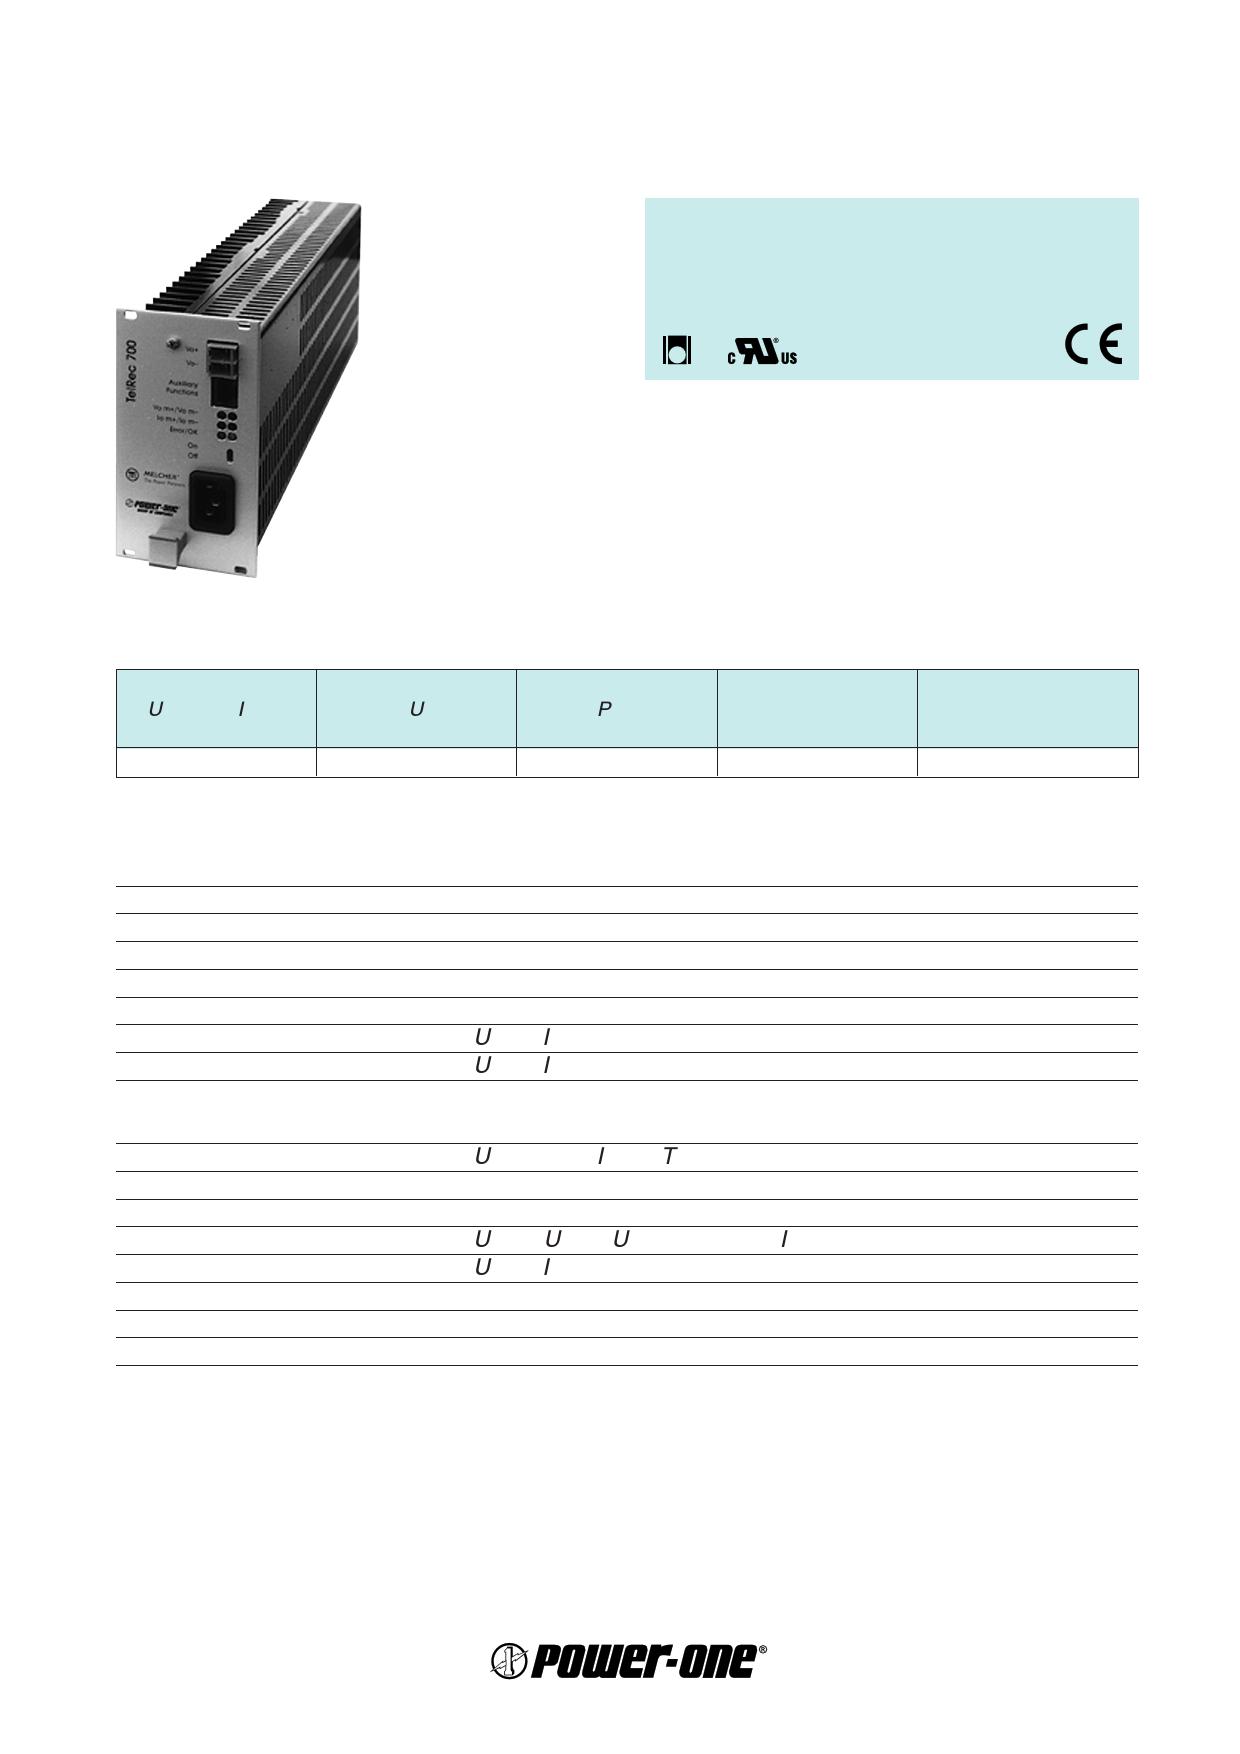 LB1740-6R datasheet